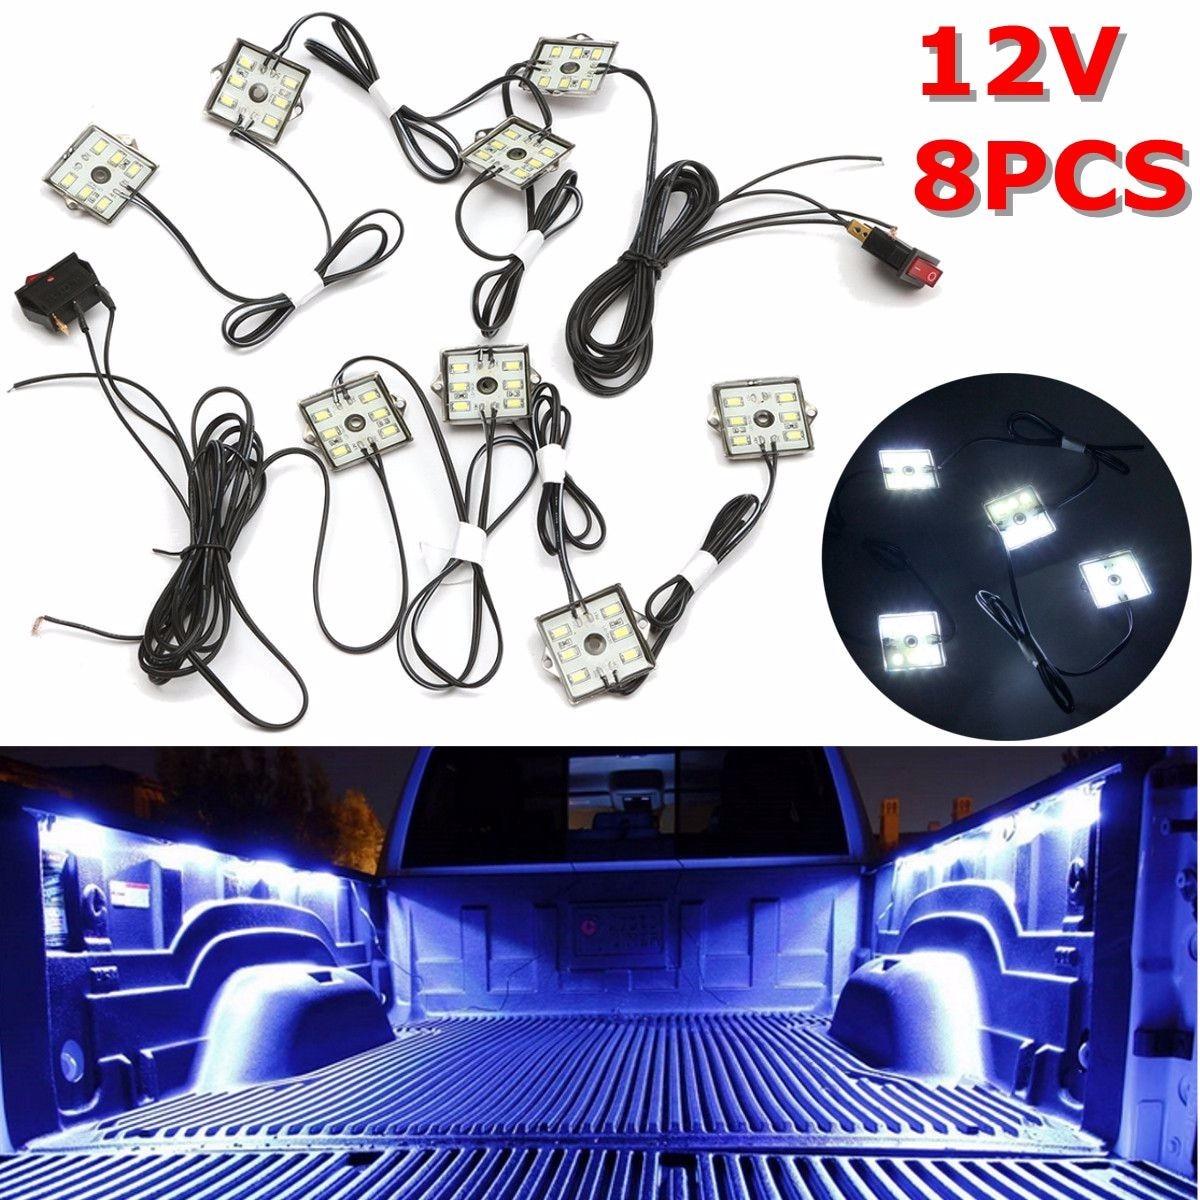 12V 8pcs Waterproof 5630 SMD Truck Bed/Work Box Led Lighting Kit White Beam